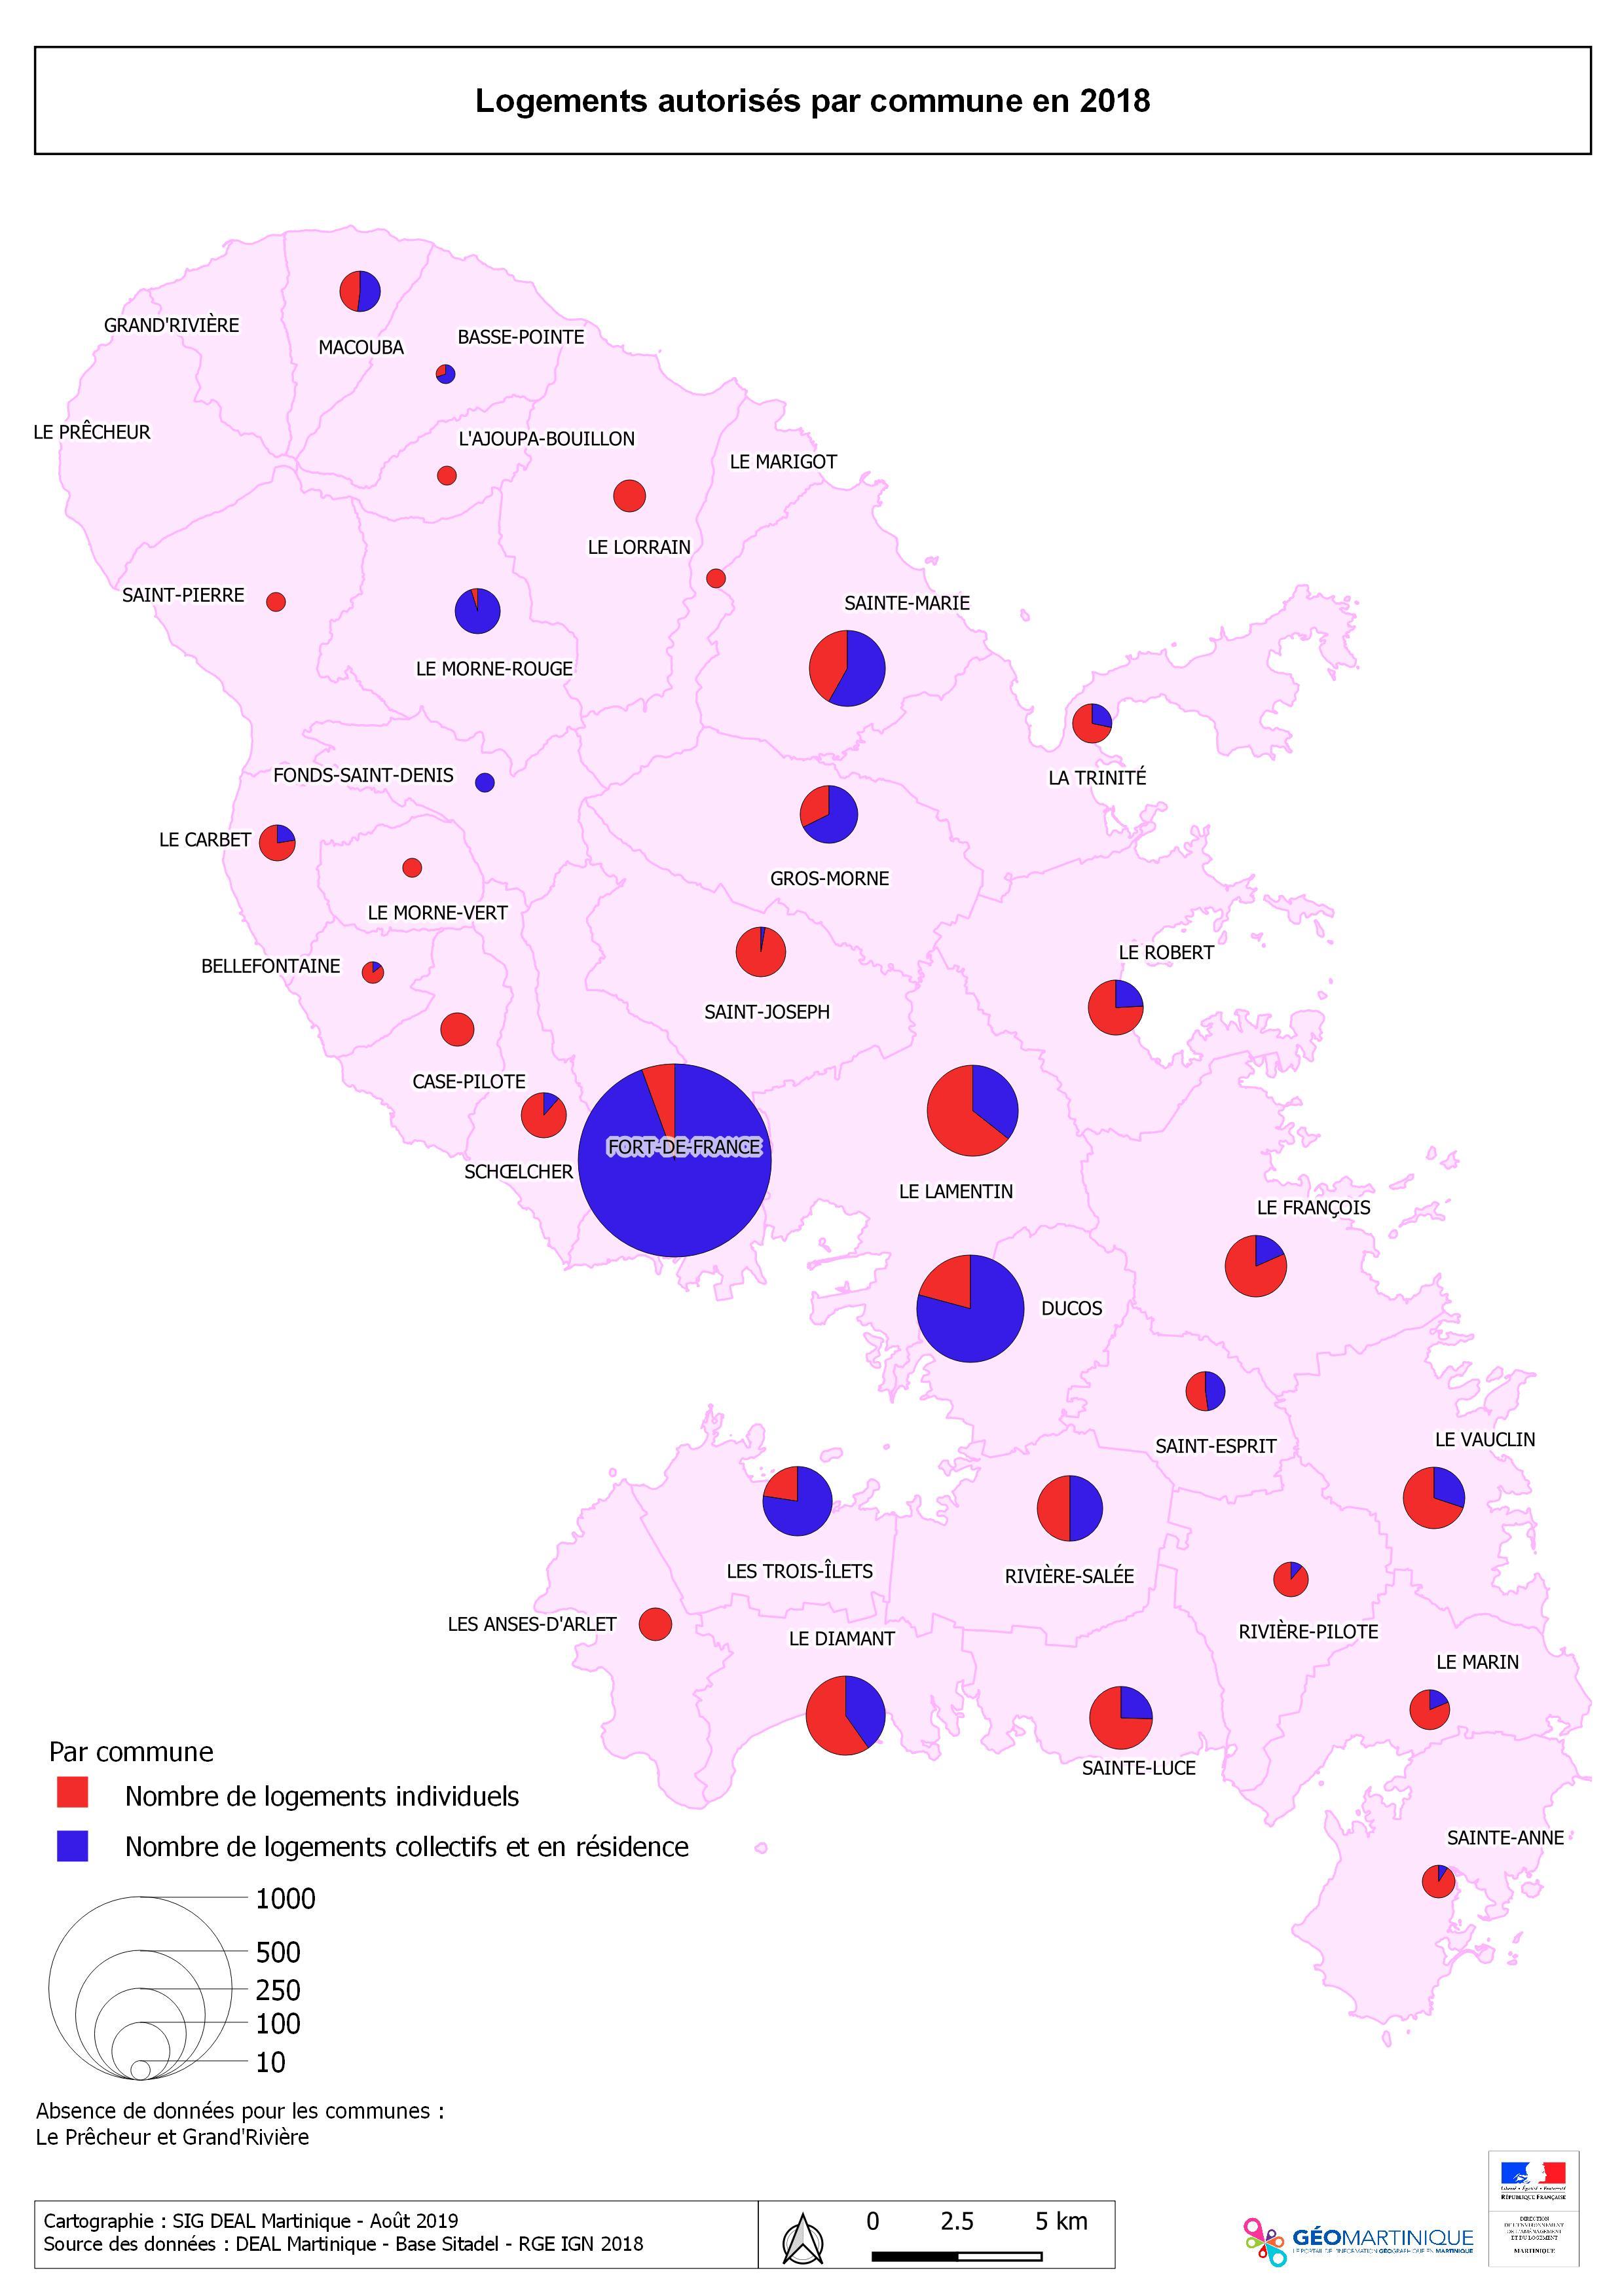 Construction neuve - Nombre de logements autorisés en 2018 en Martinique, par commune - SITADEL